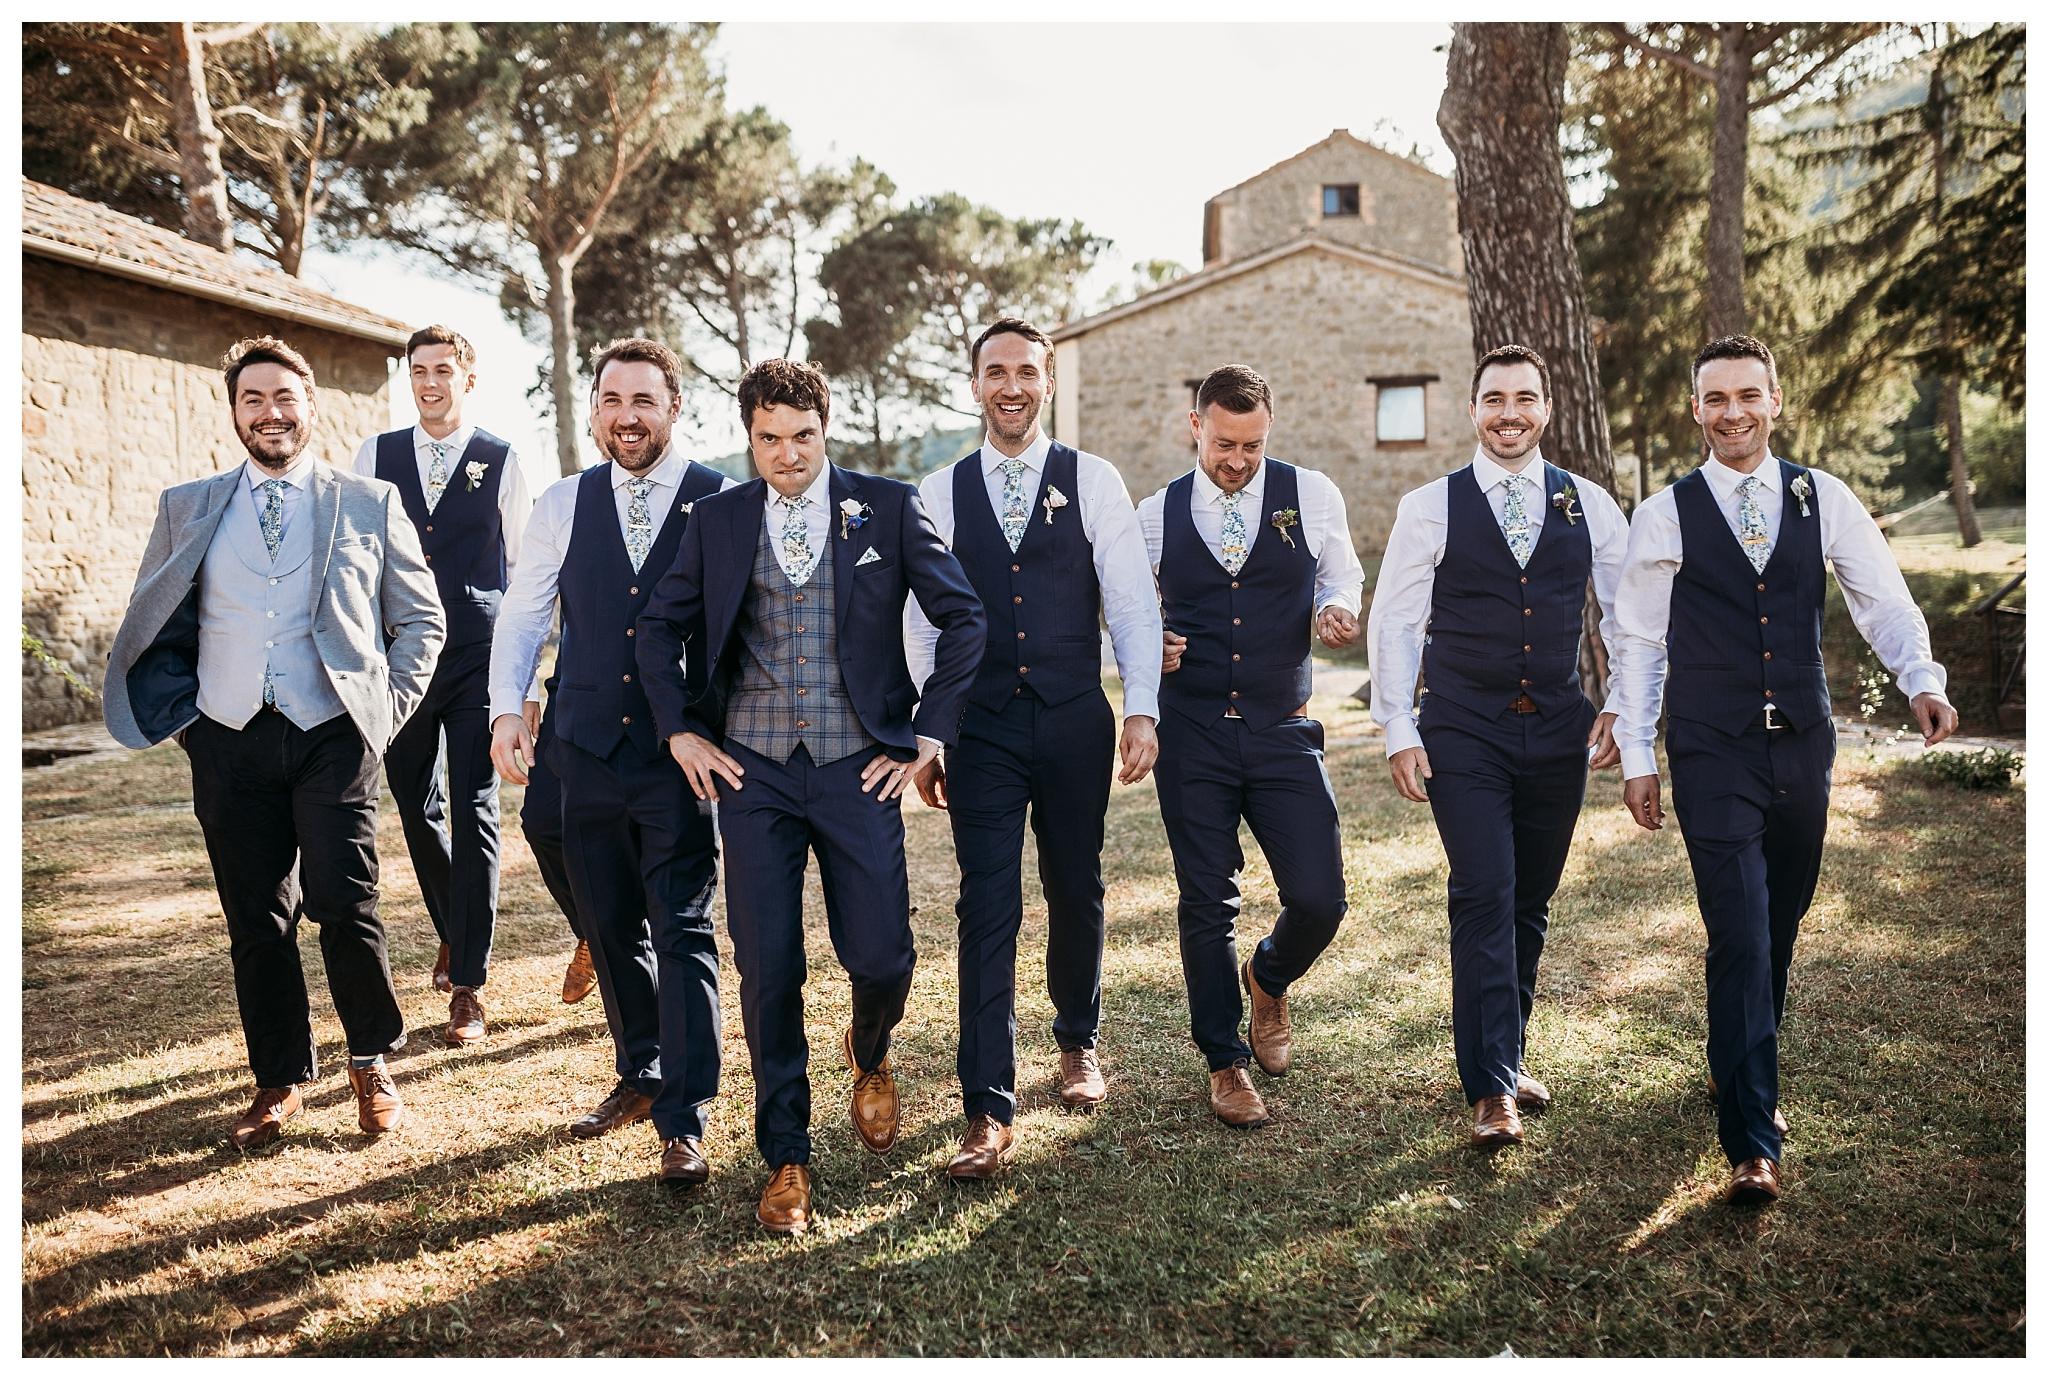 Groom and best men funny pictures at Tenuta di casa Bruciata, Umbria